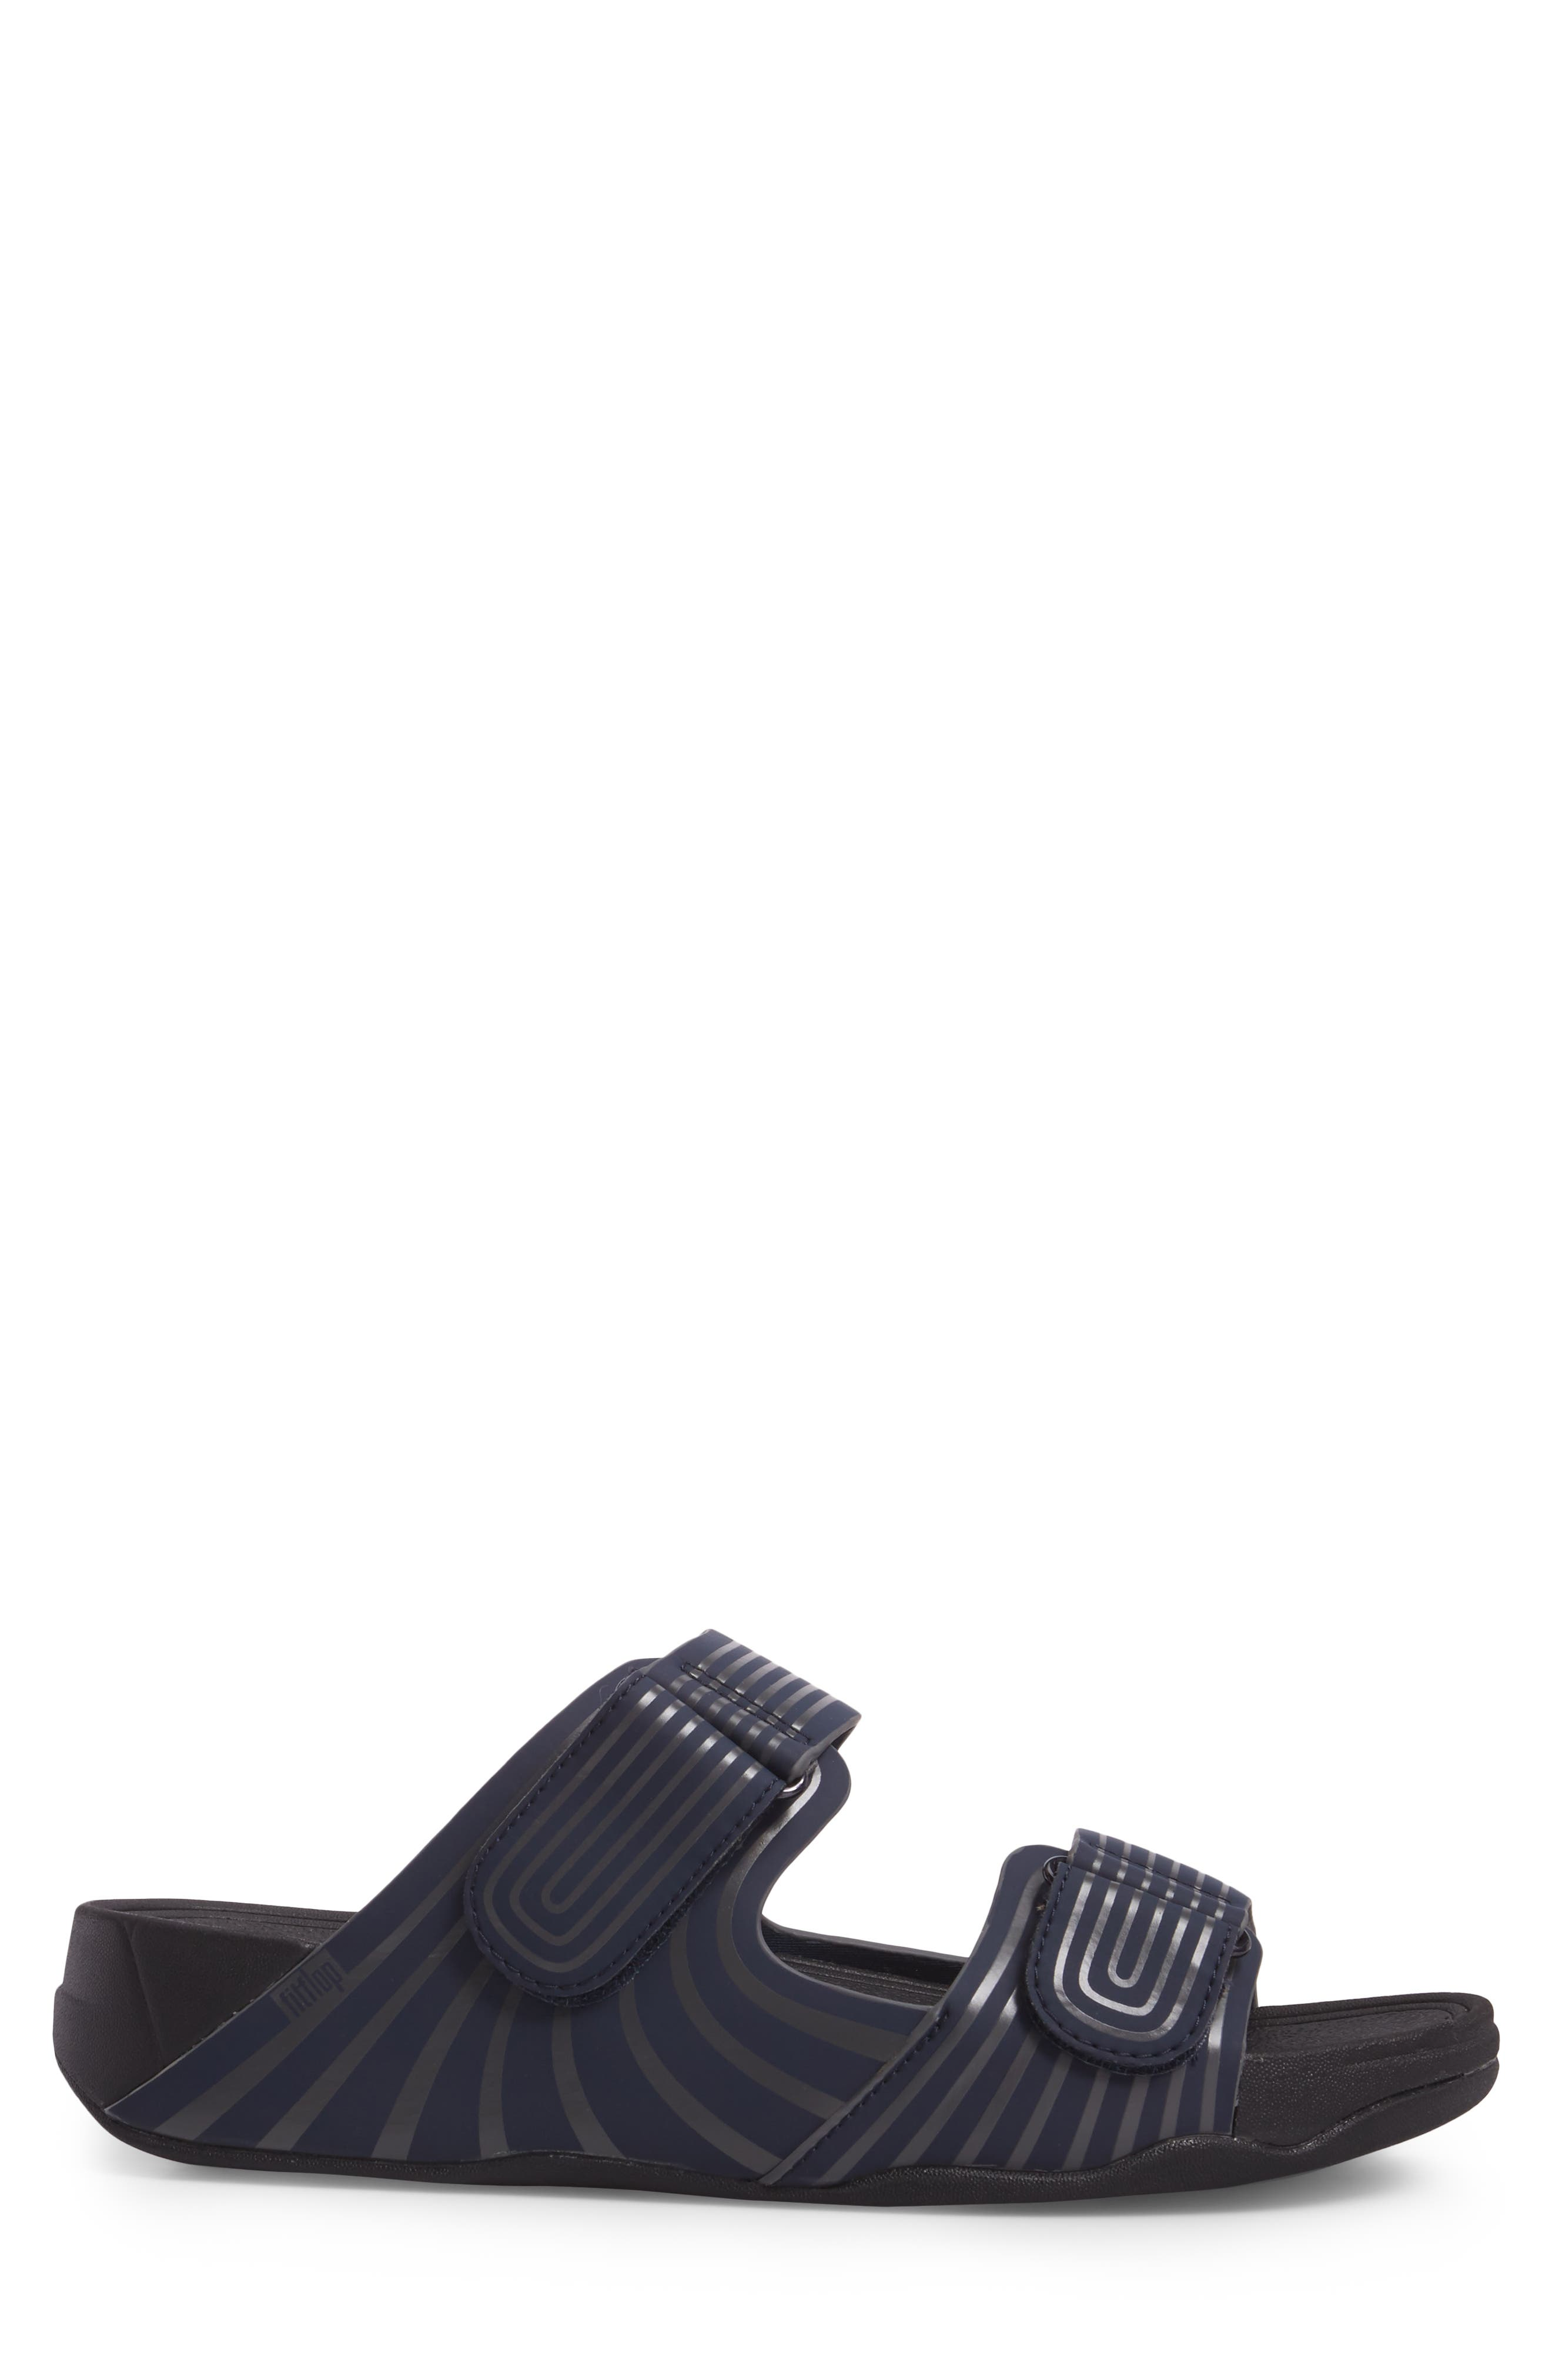 Alternate Image 3  - FitFlop Gogh Sport Slide Sandal (Men)